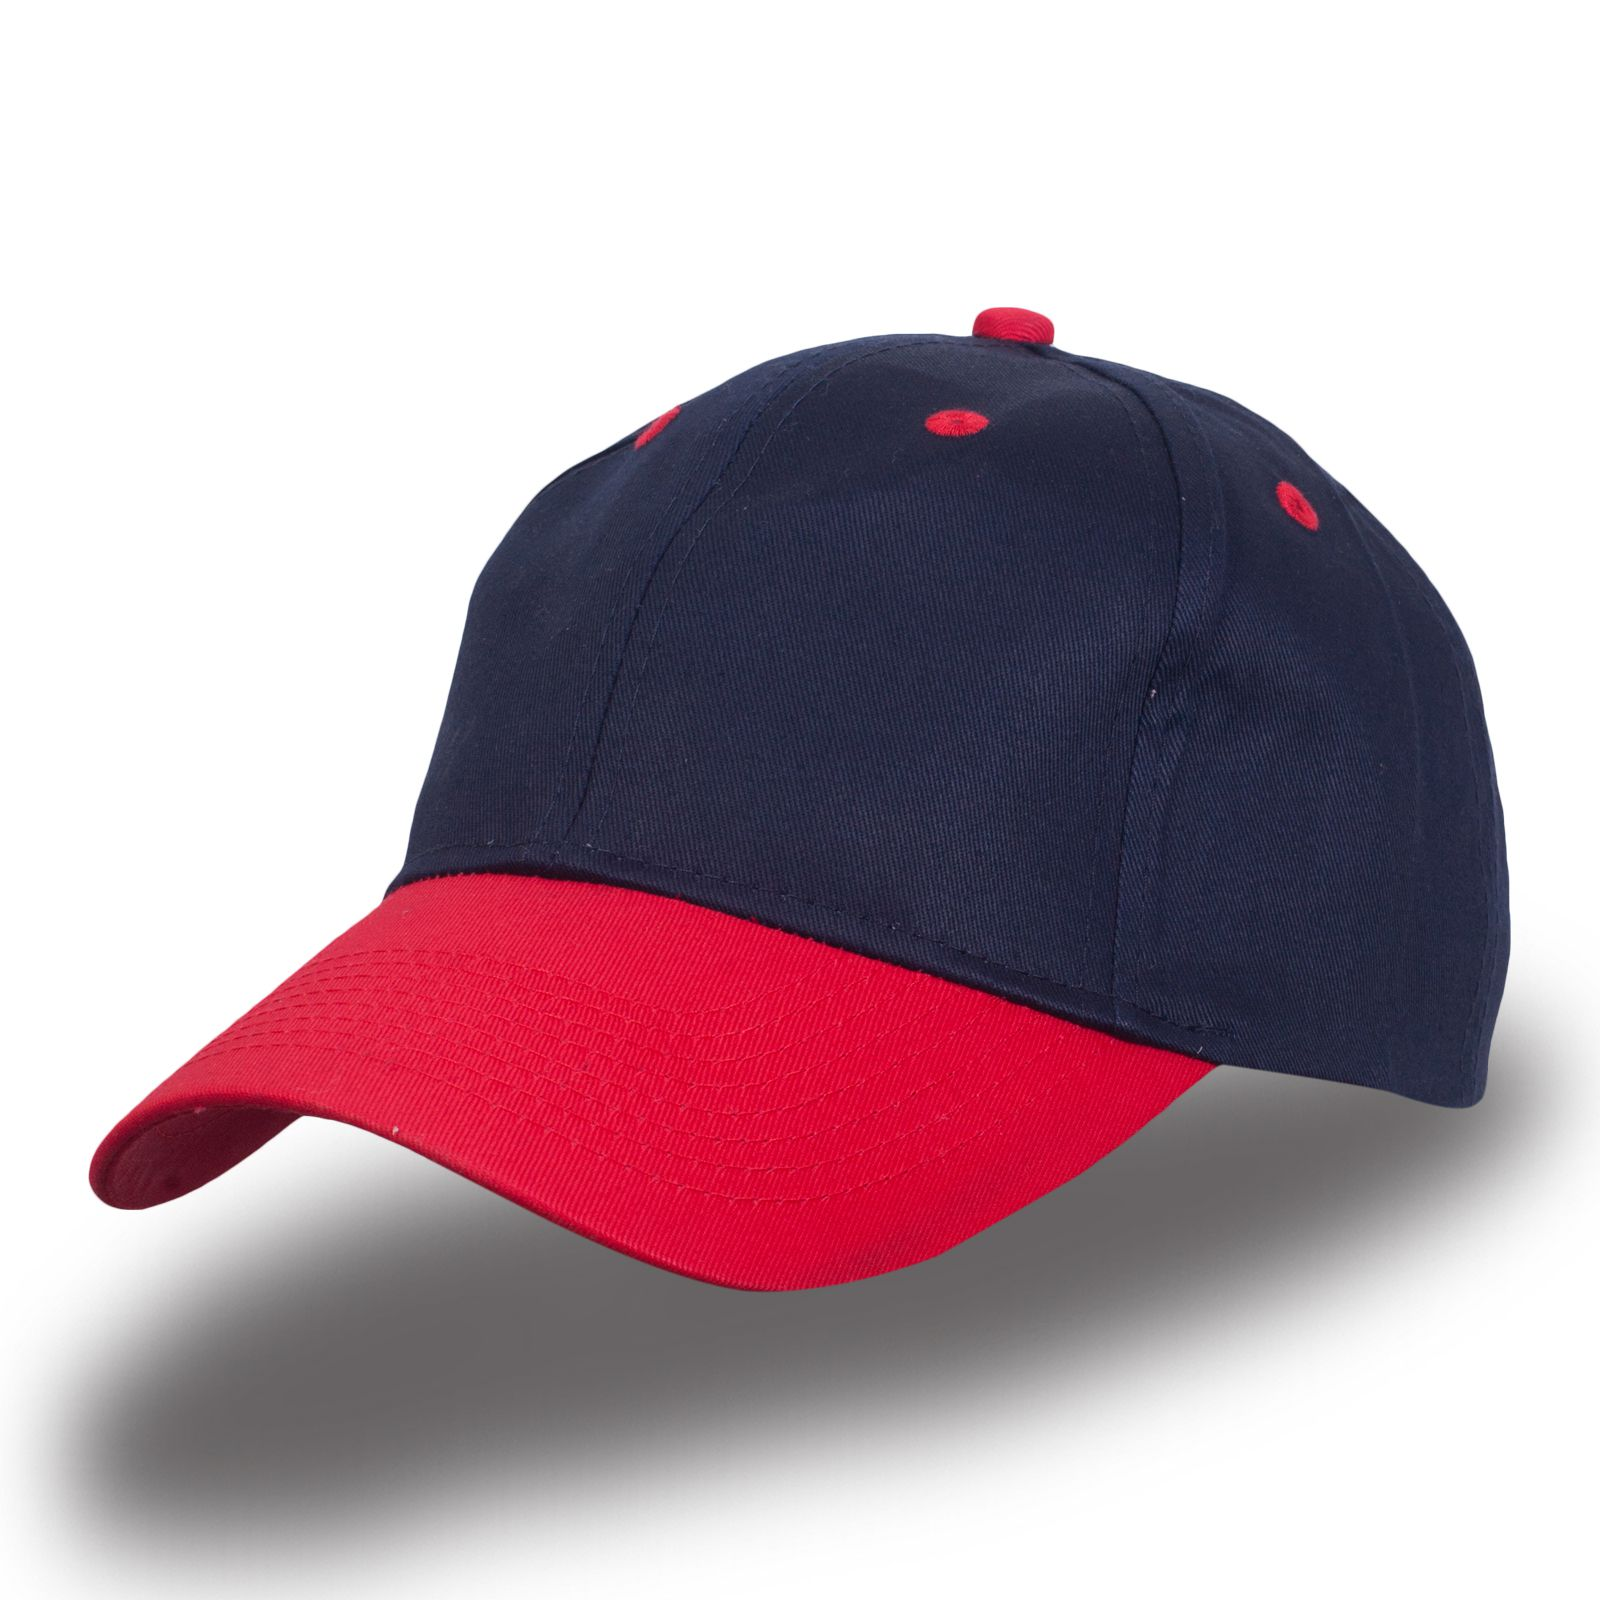 Простая бейсболка - купить в интернет-магазине с доставкой